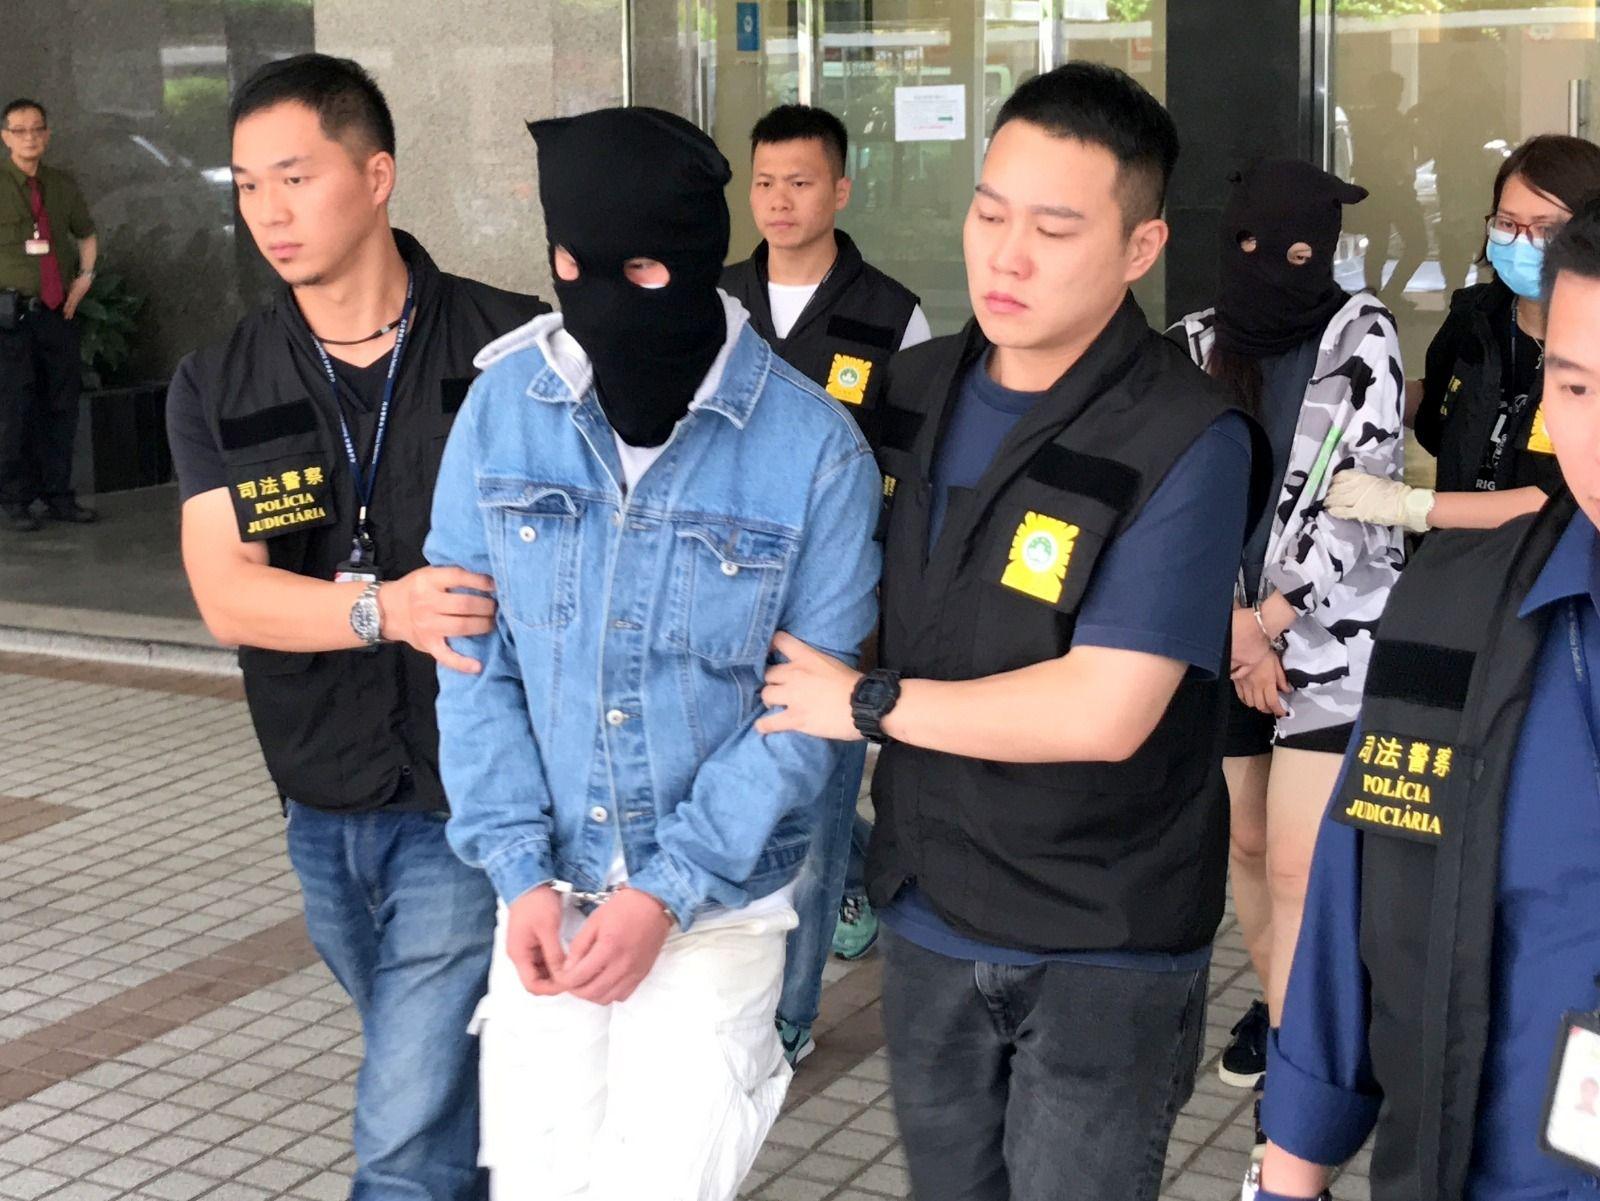 澳門司警拘捕3名涉嫌受僱於香港毒品集團到當地販毒的港人。